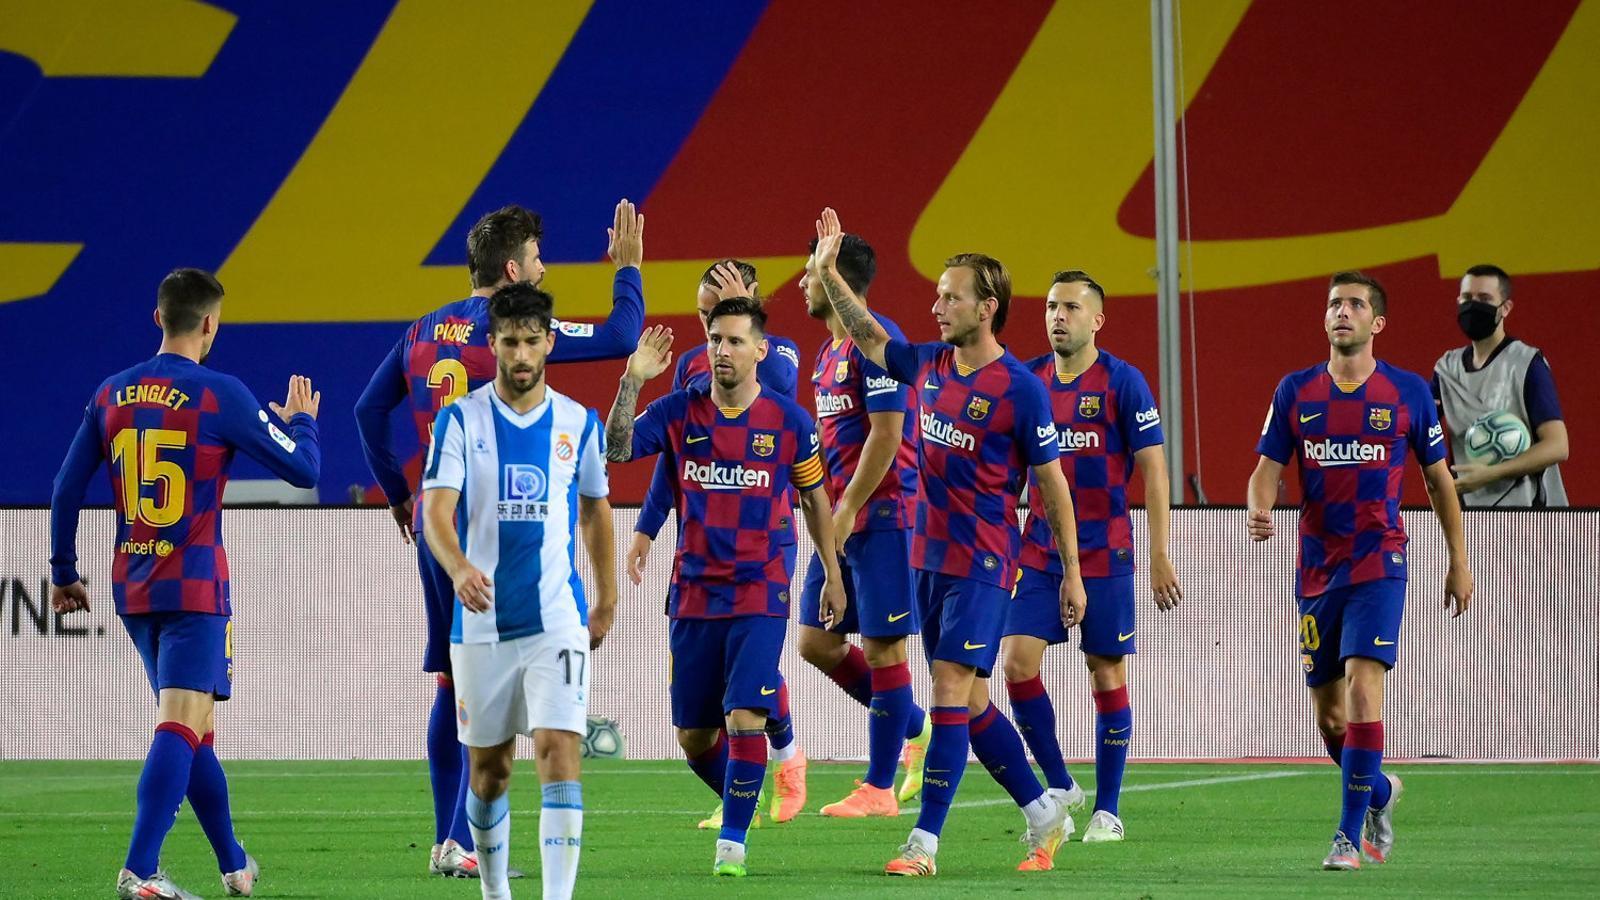 Els jugadors del Barça celebrant el gol de Luis Suárez contra l'Espanyol.